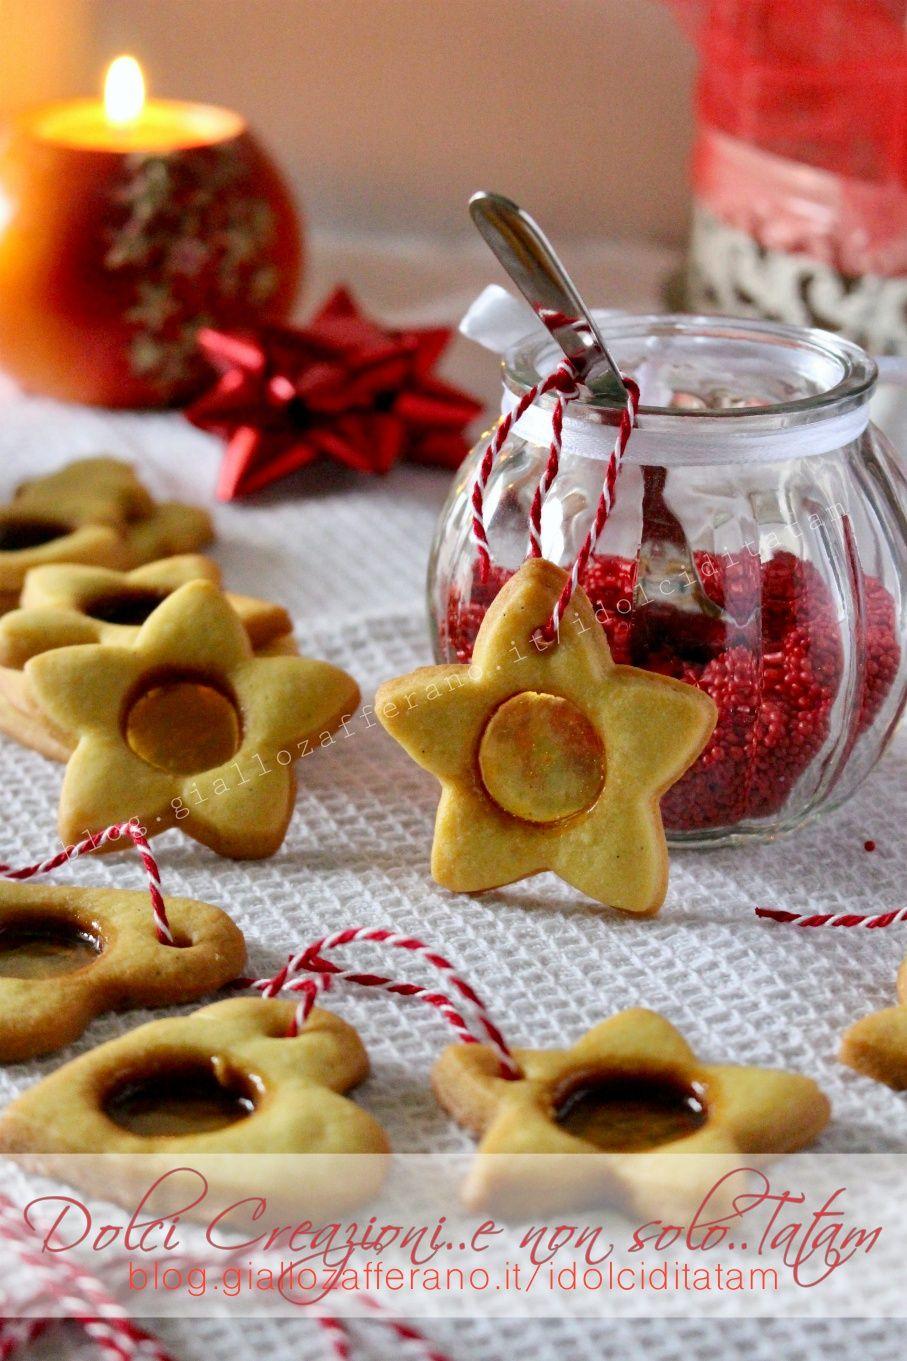 Biscotti Come Regalo Di Natale.Come Fare I Biscotti Di Vetro Per Natale Idea Regalo Sutemenyek